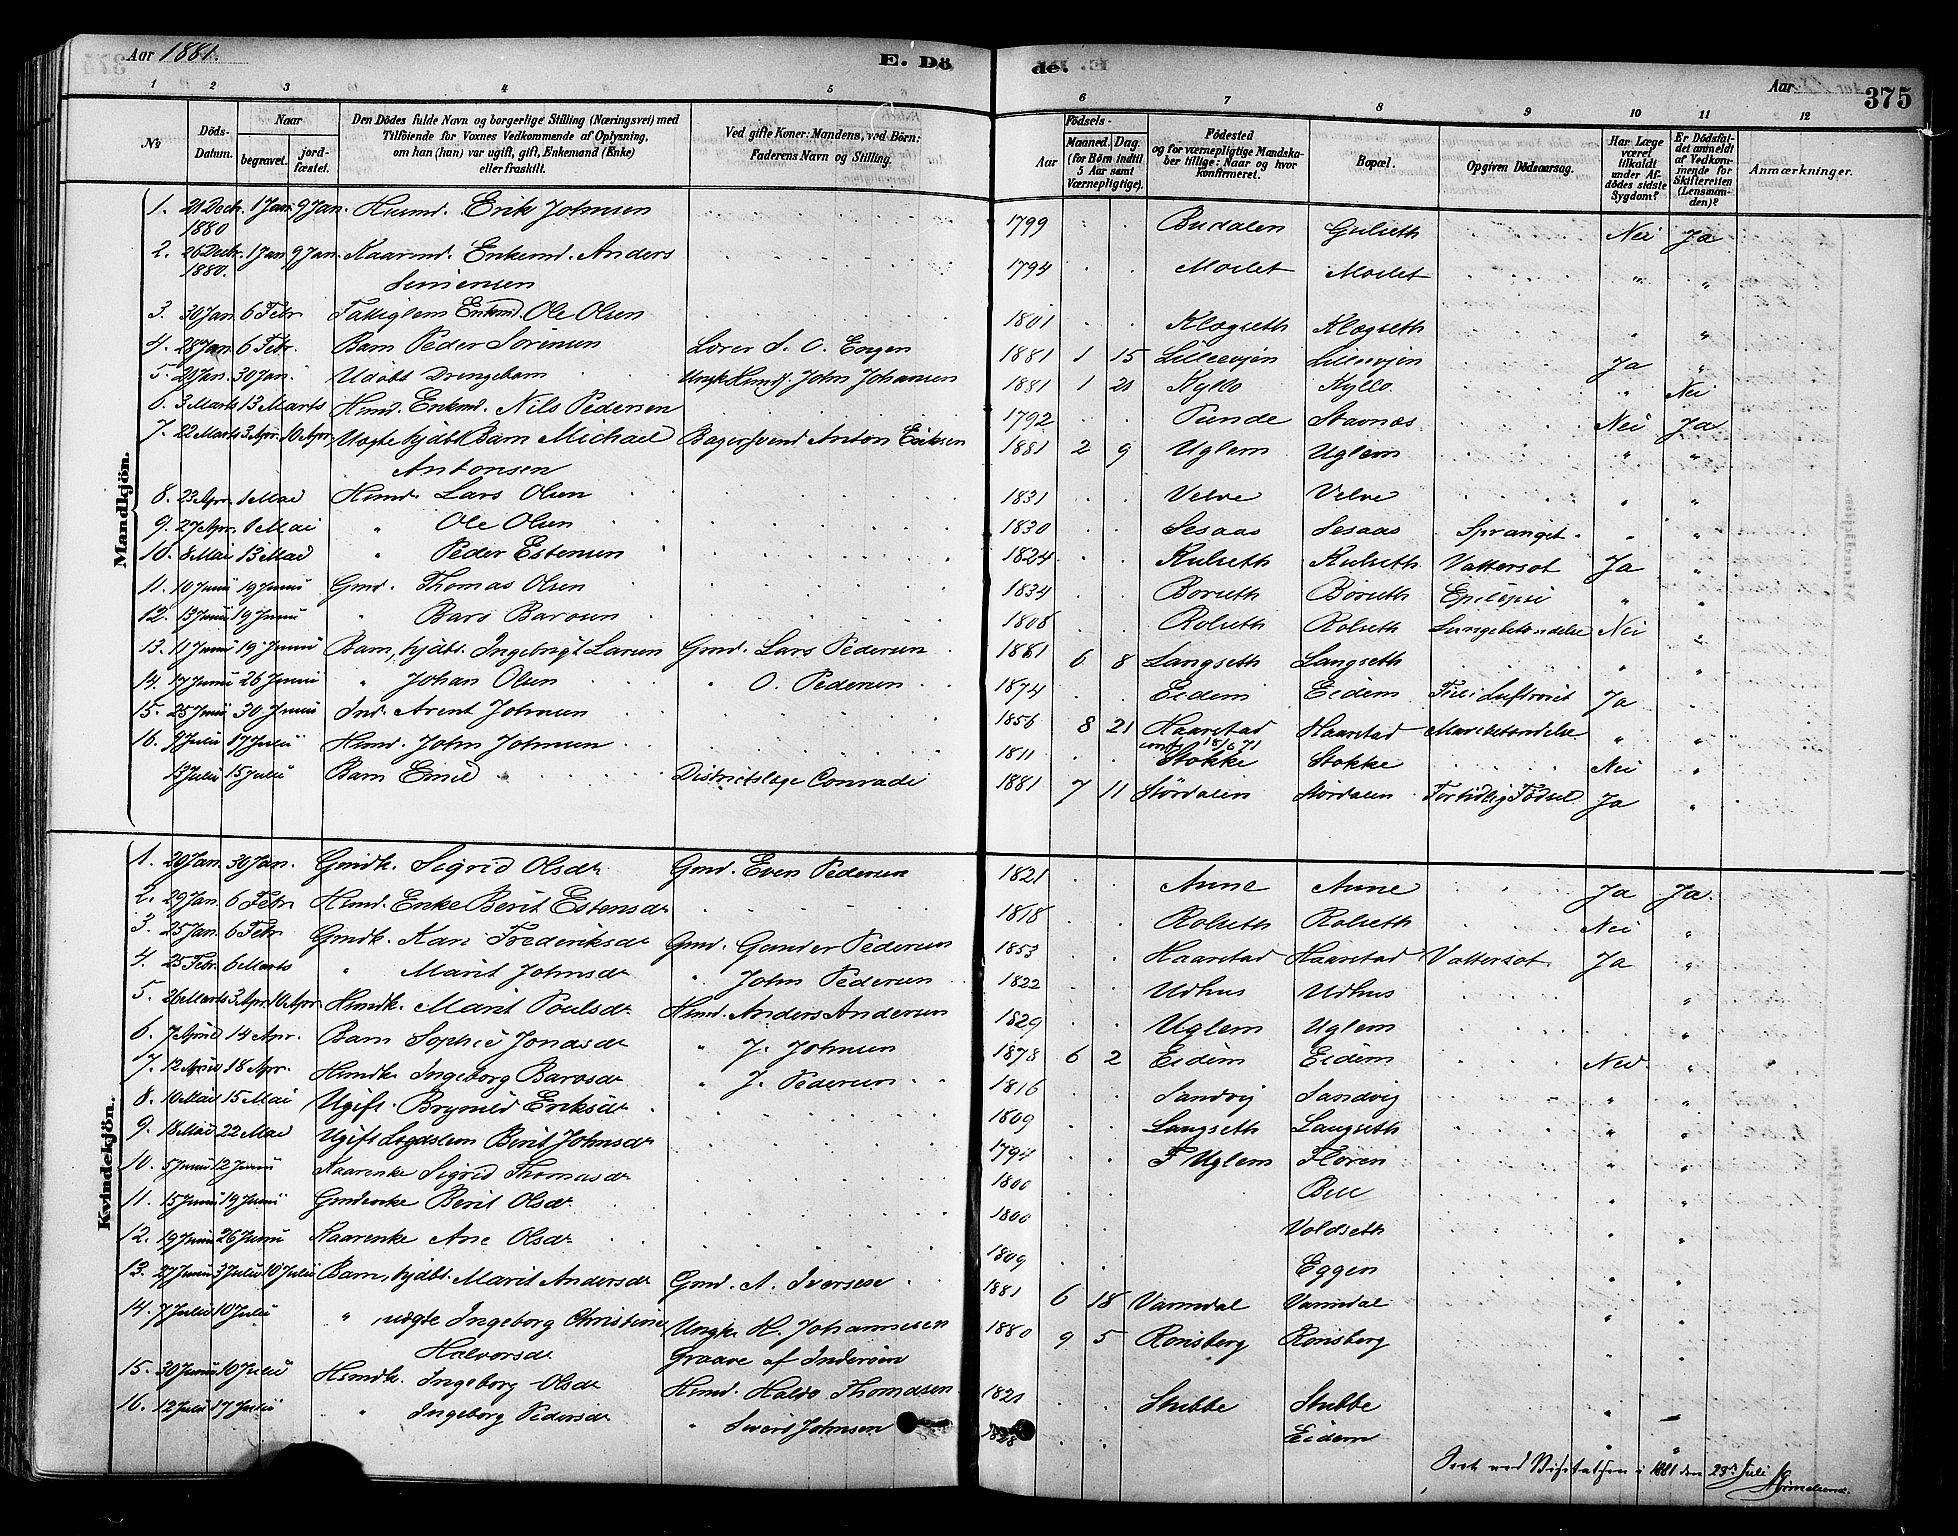 SAT, Ministerialprotokoller, klokkerbøker og fødselsregistre - Sør-Trøndelag, 695/L1148: Ministerialbok nr. 695A08, 1878-1891, s. 375